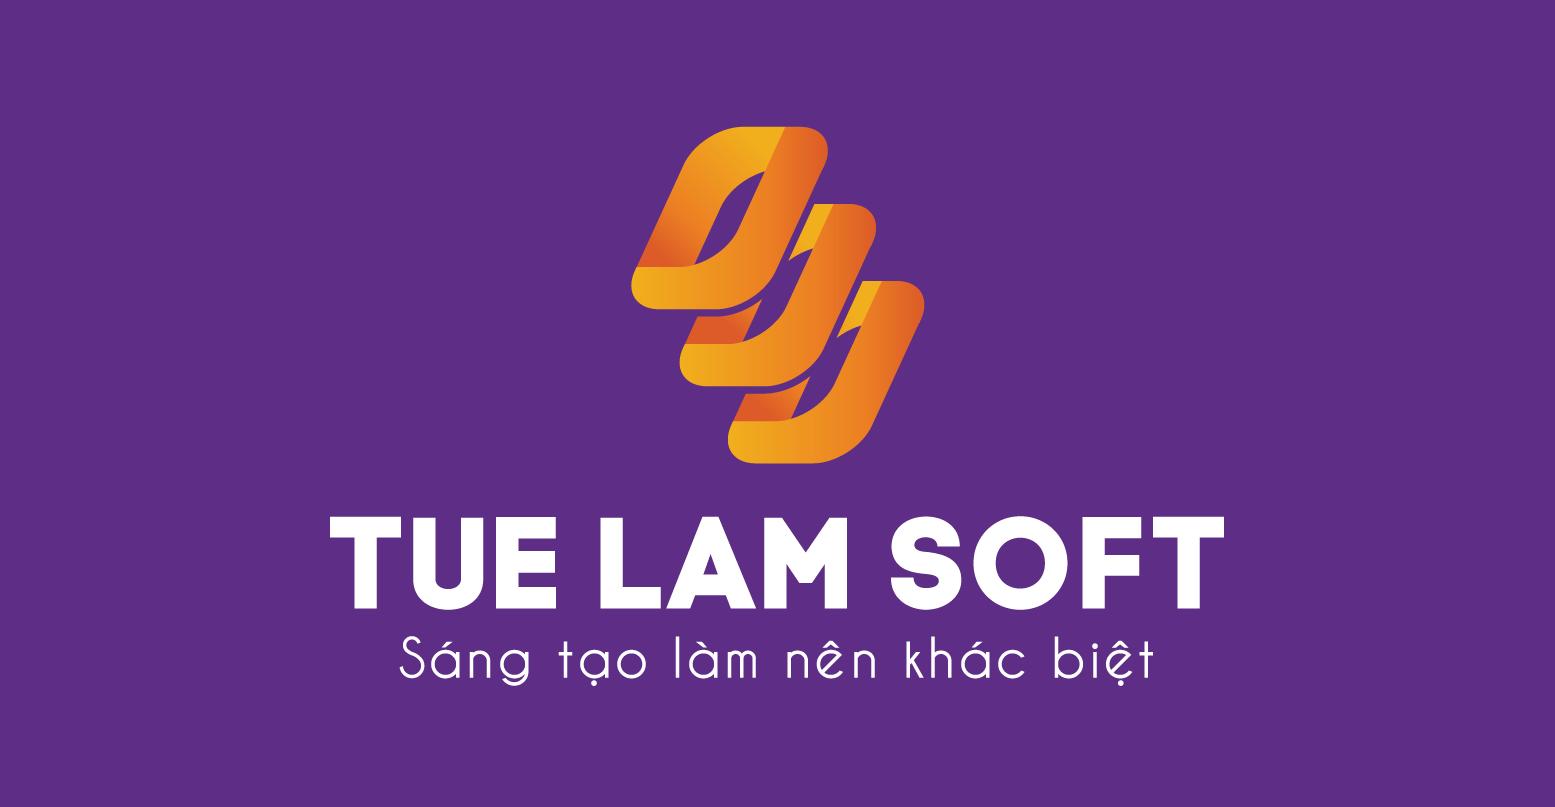 https://tuelamsoft.com/